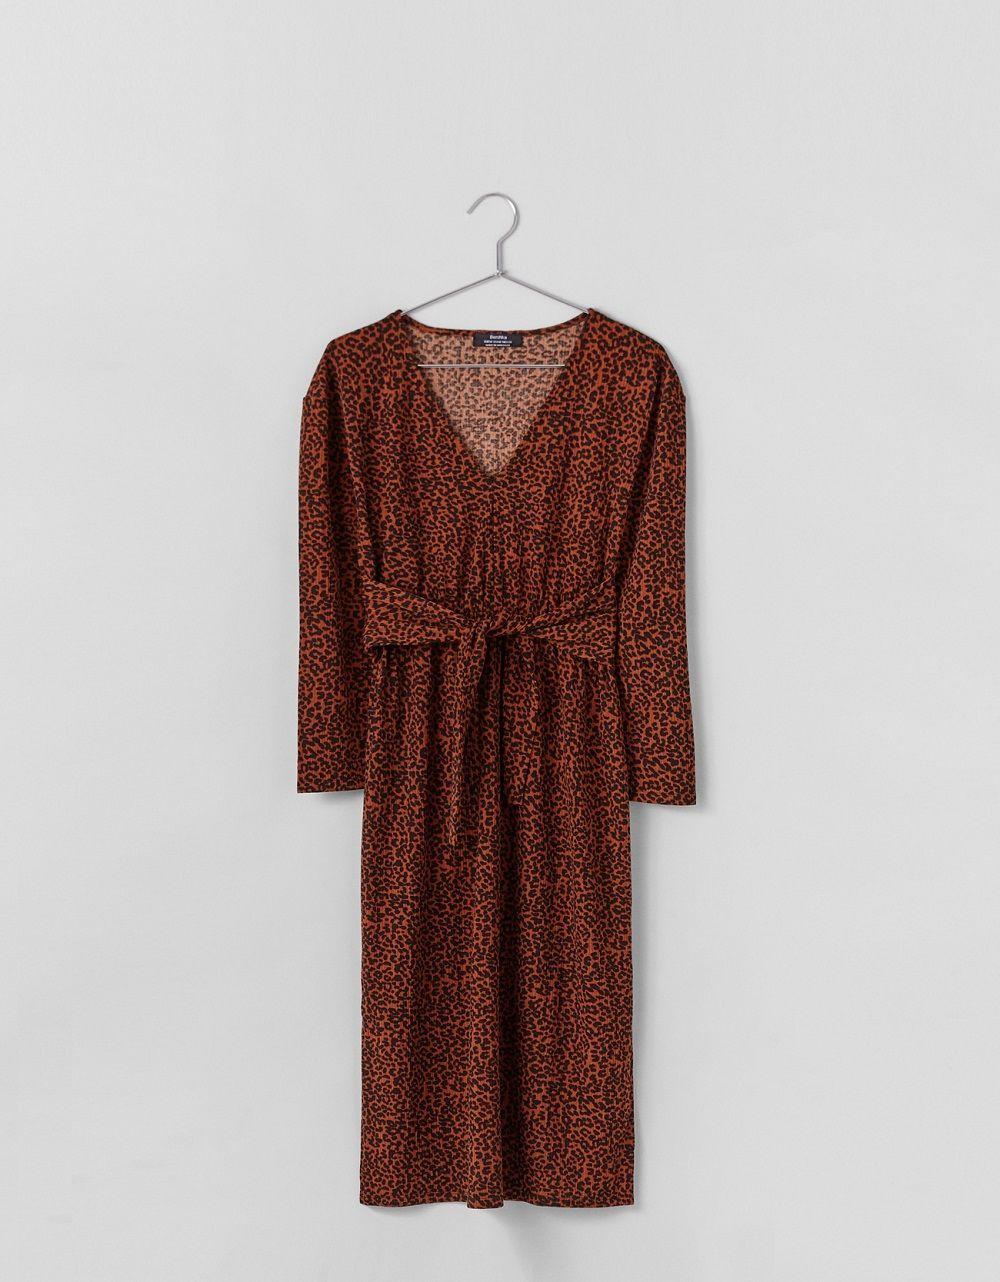 Rekomendasi Dress untuk ke Kantor di bawah 400 Ribuan